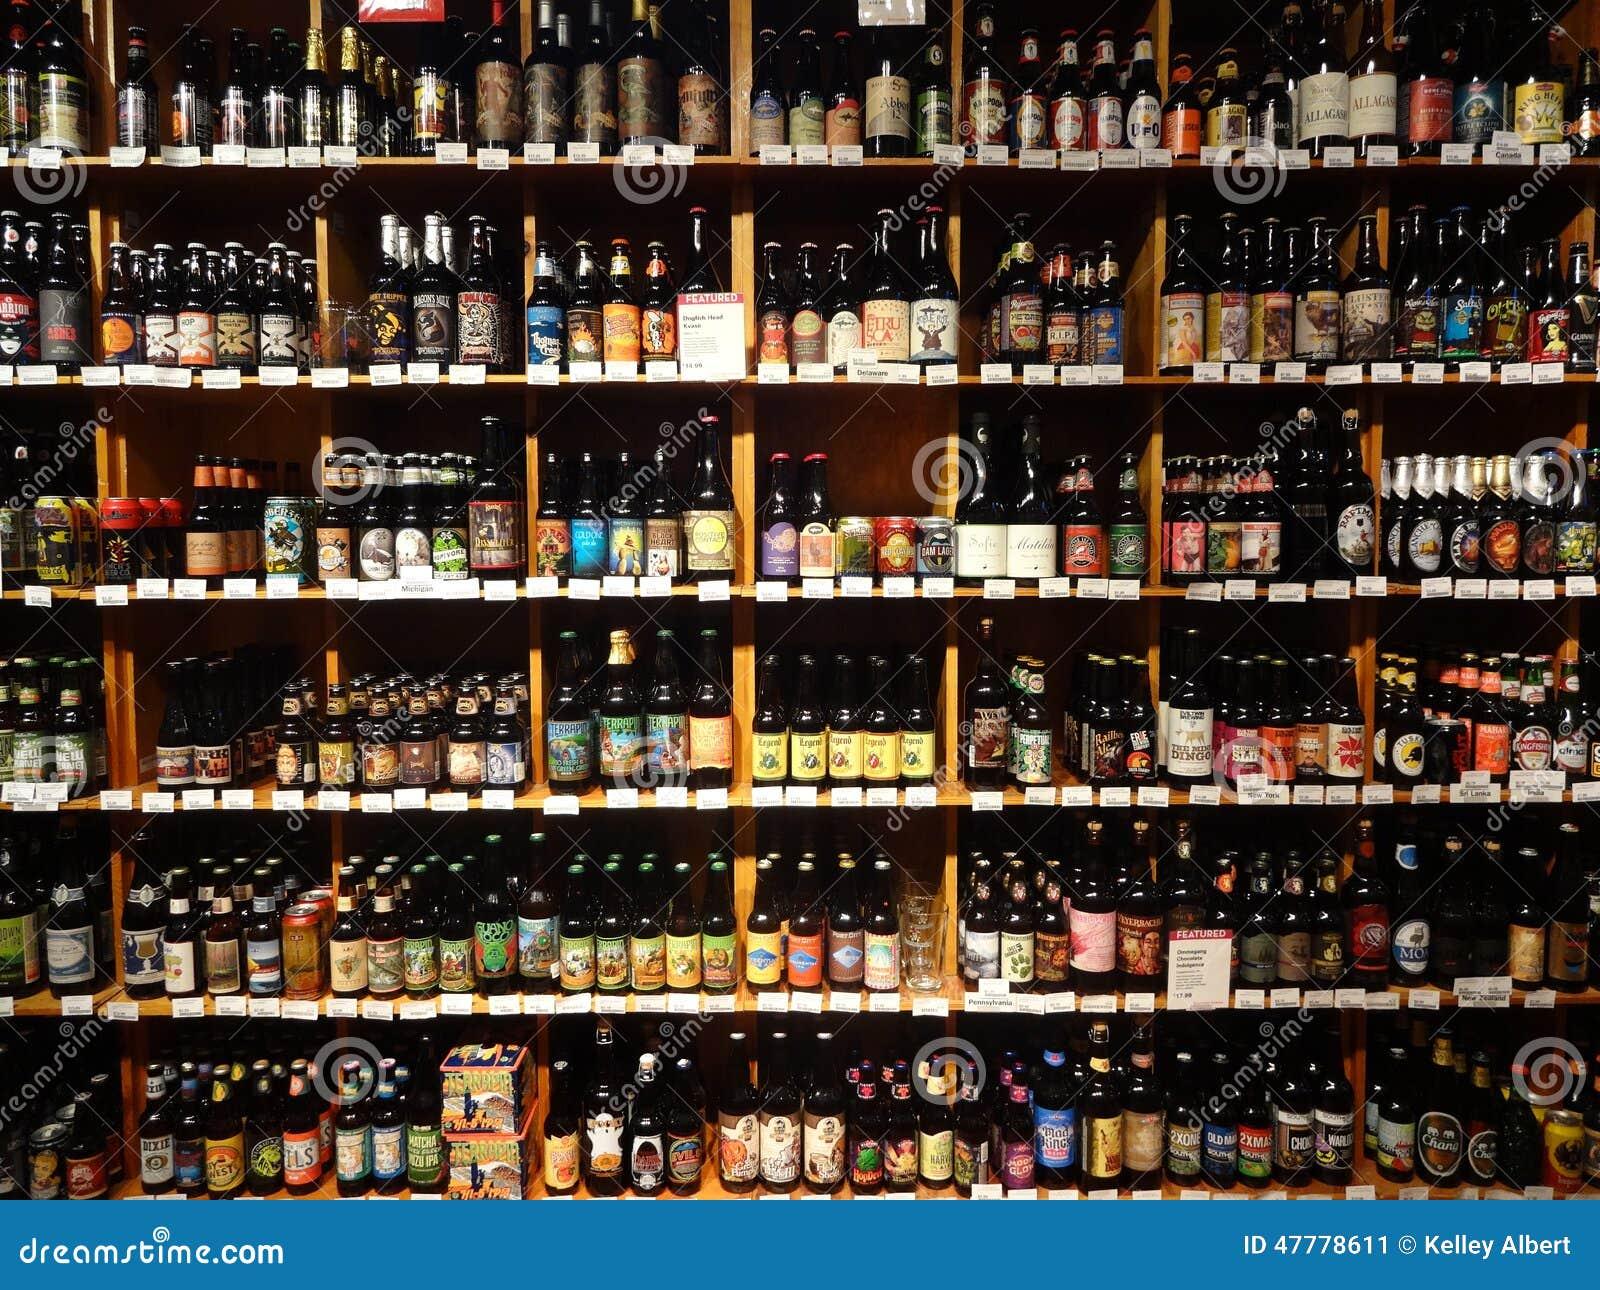 A Huge Selection of Beer on Supermarket Shelves